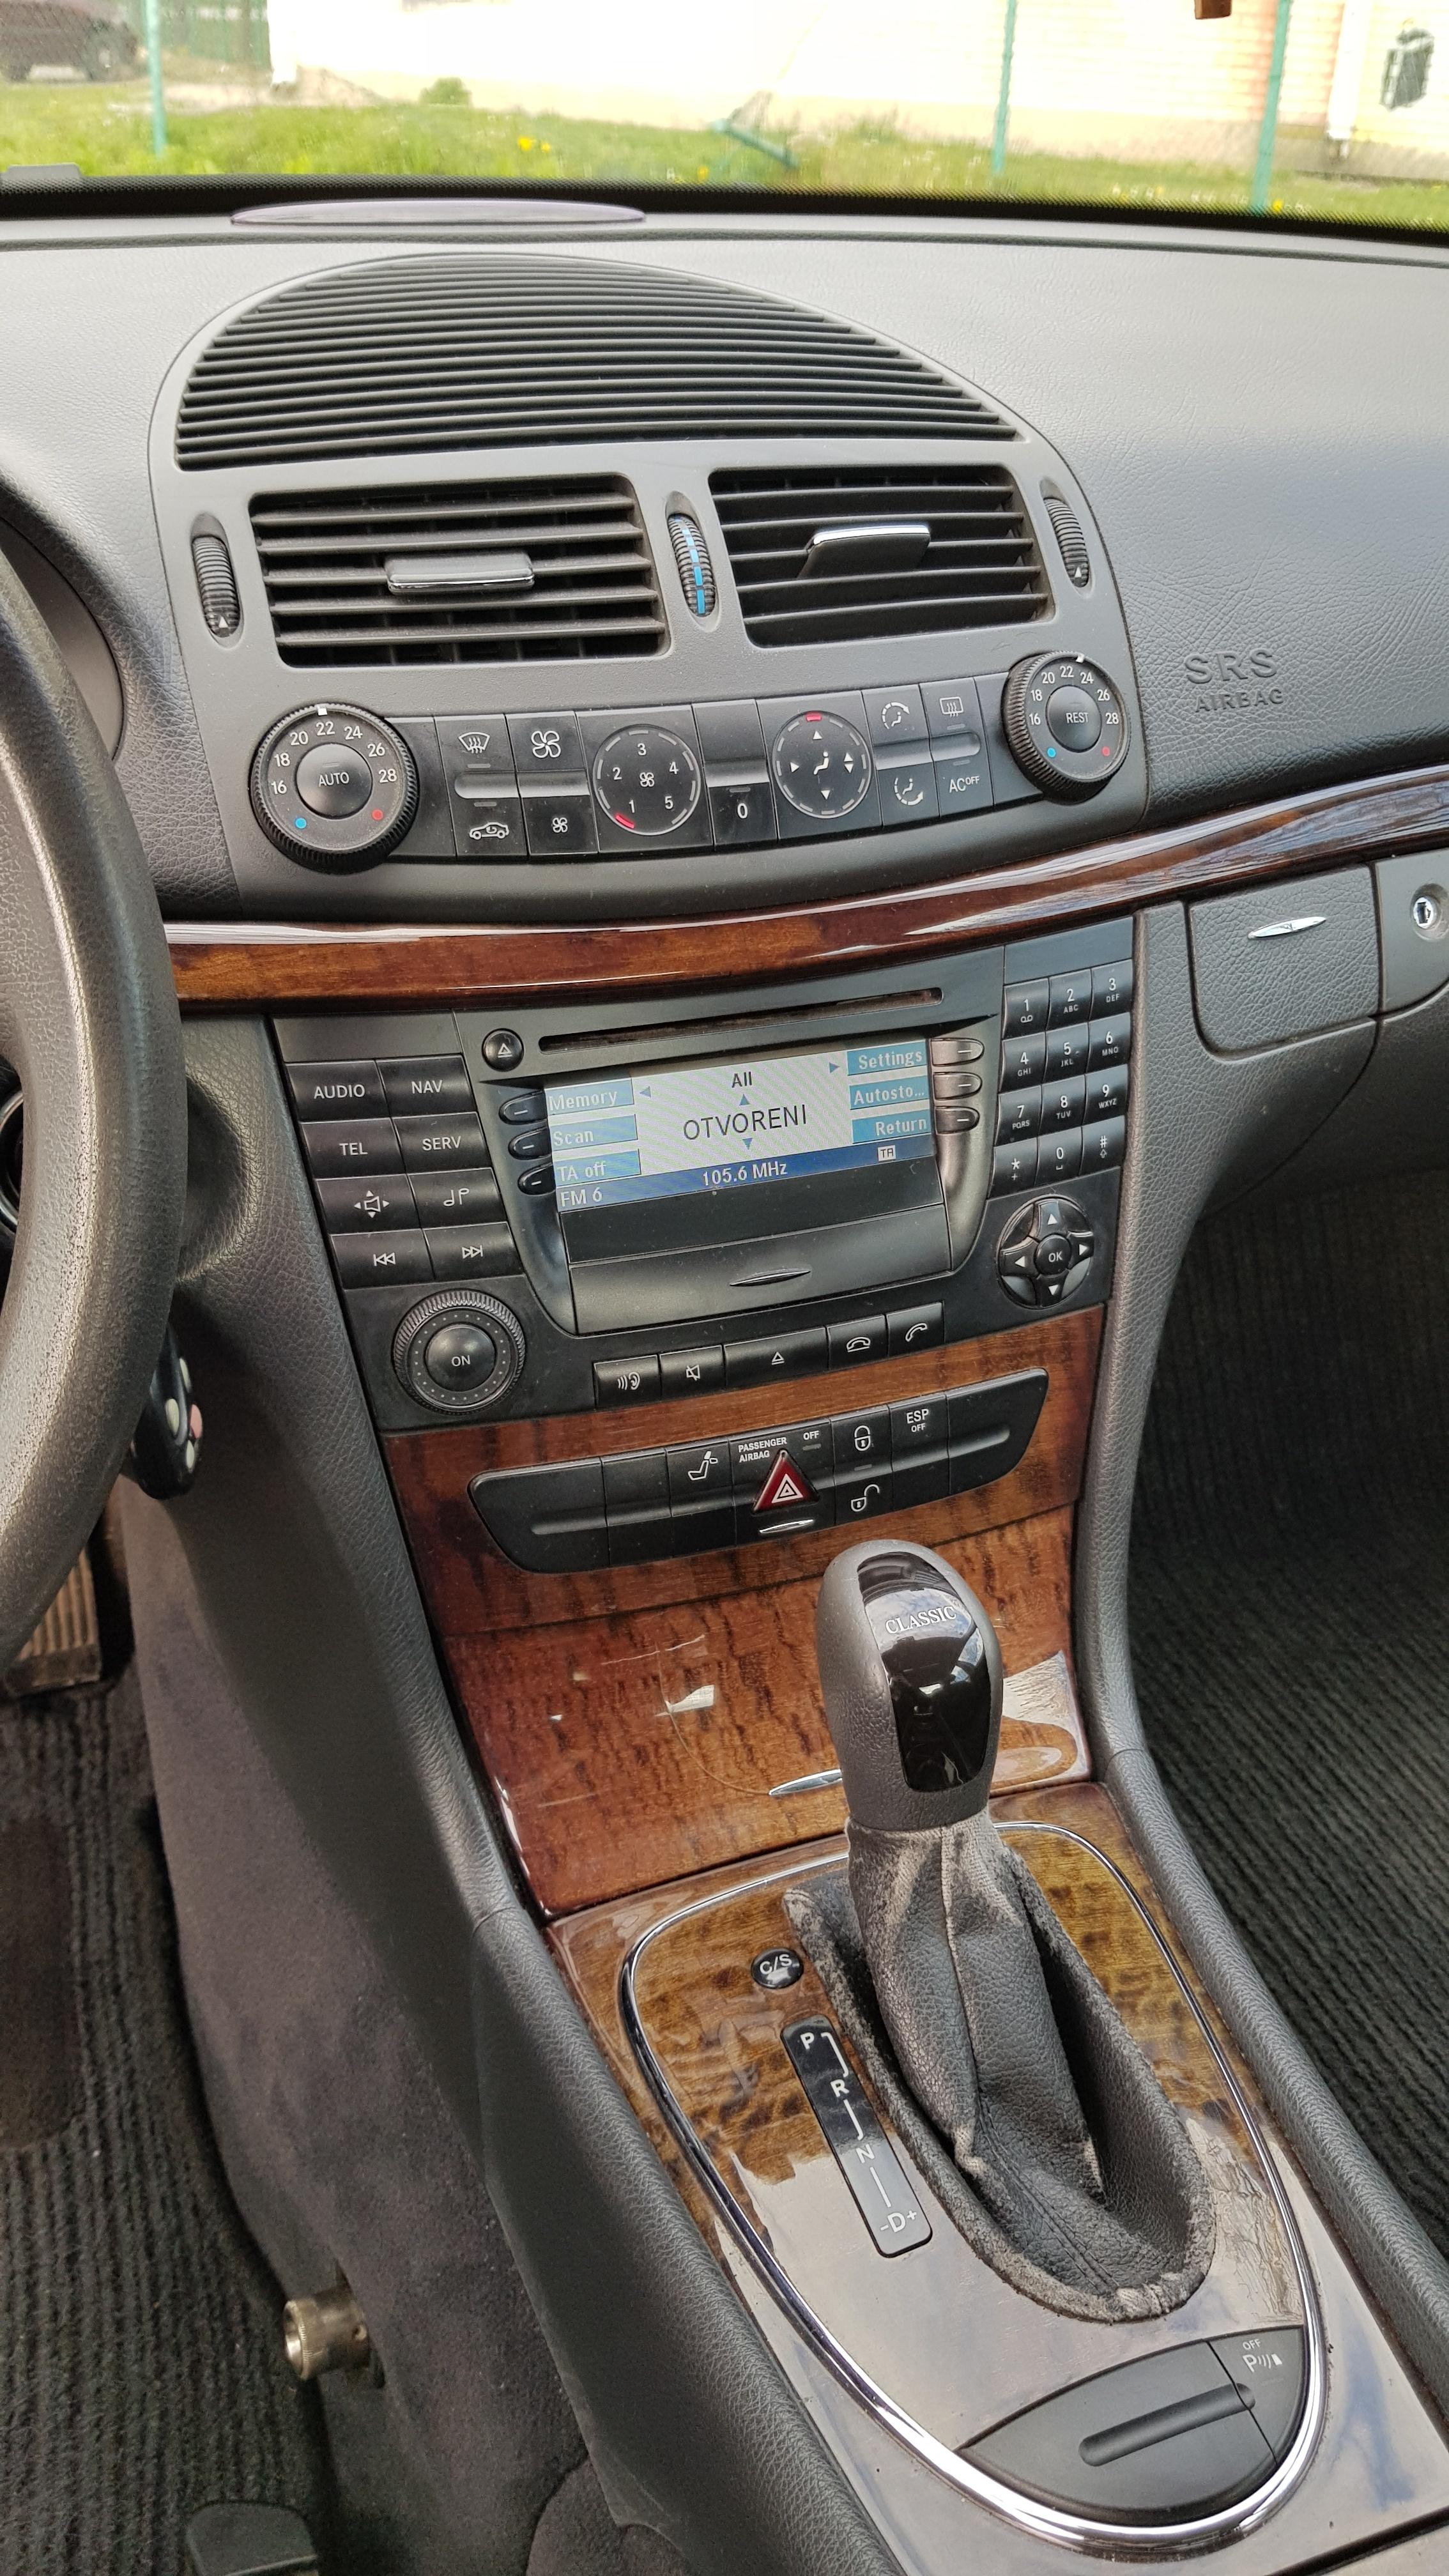 Mercedes-Benz E-klasa 270 CDI, automatic, reg. 12/2019. g.